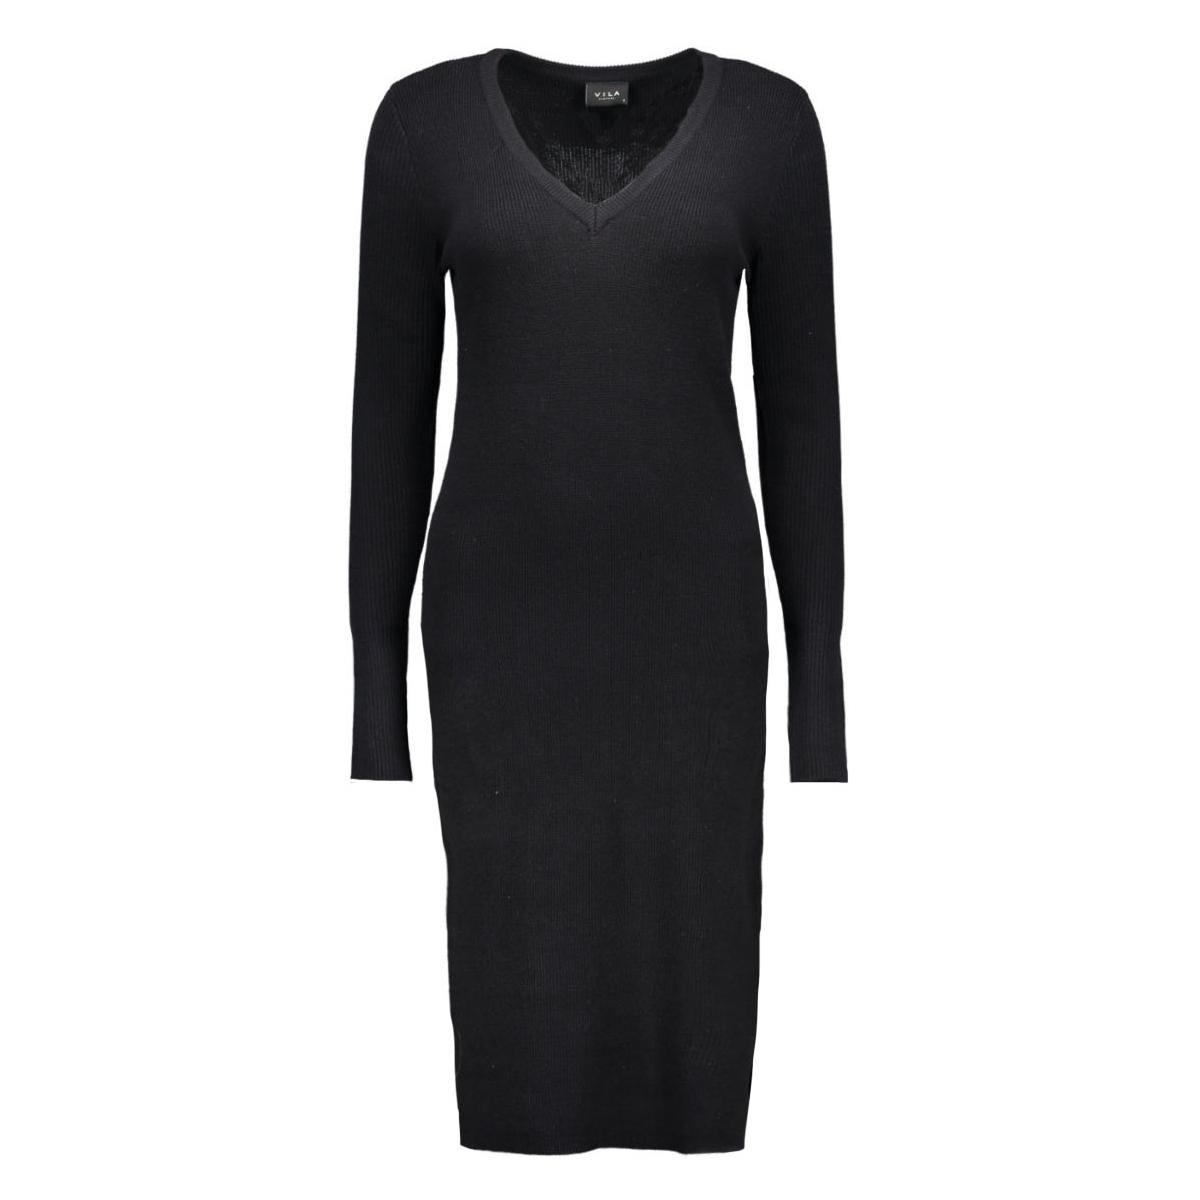 viandrea  l/s knit dress 14037958 vila jurk black